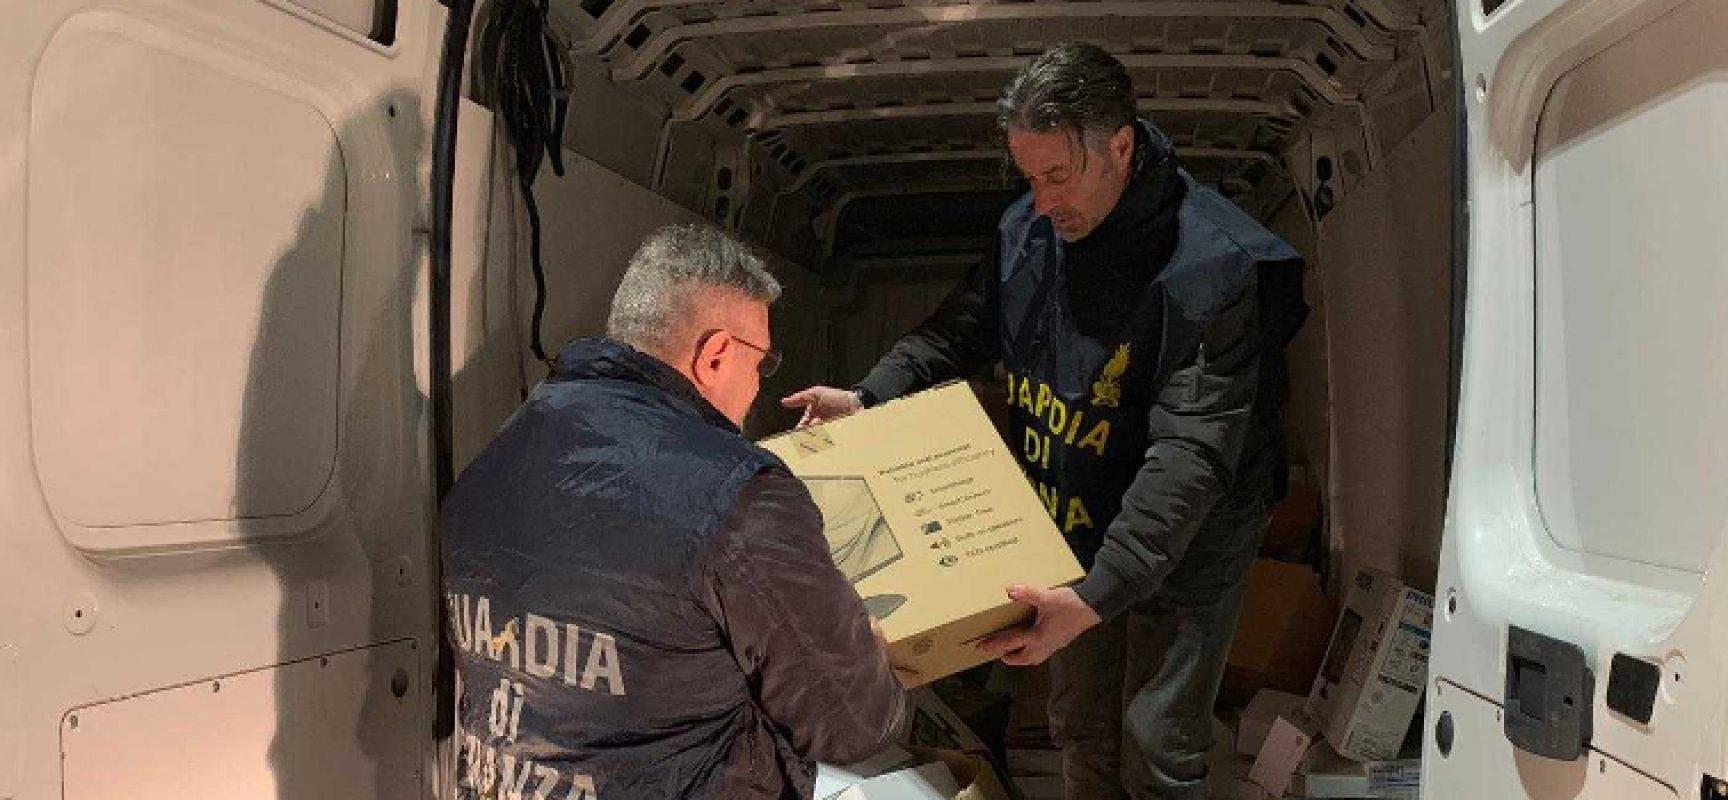 Guardia di Finanza intercetta furgone con 50mila euro di refurtiva sulla Andria-Bisceglie